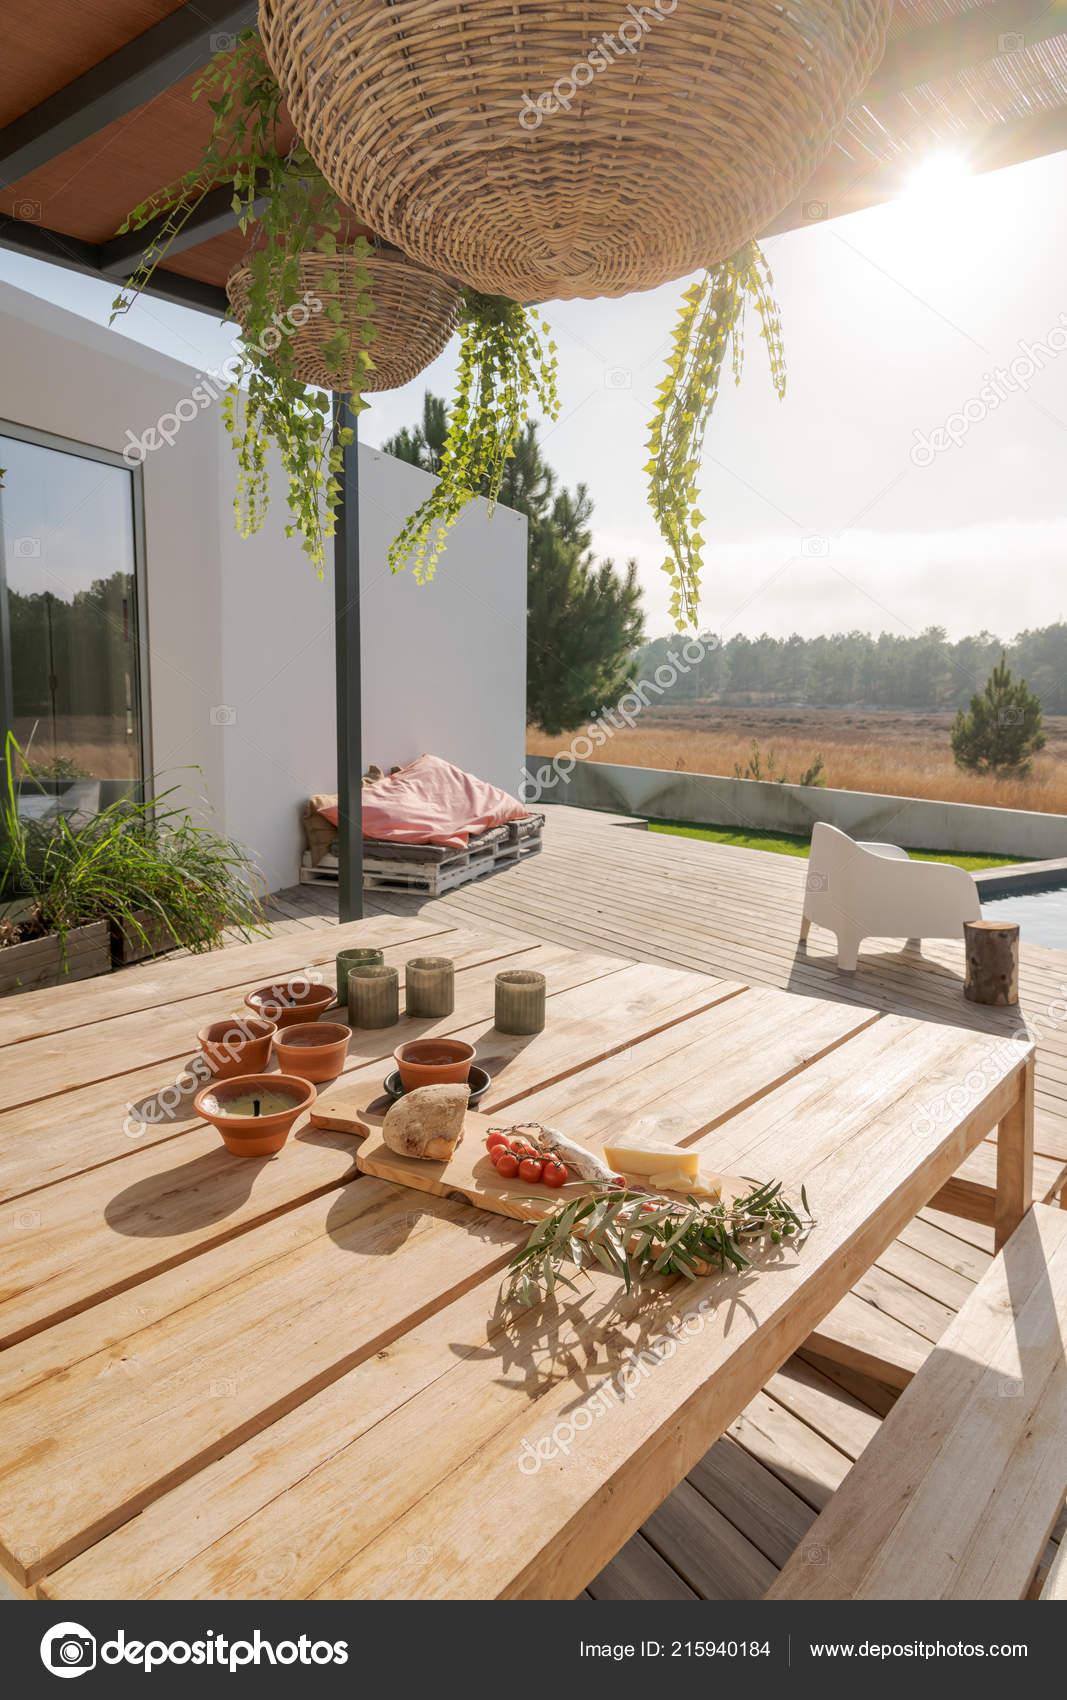 Maison Moderne Avec Jardin Piscine Terrasse Bois Avec Des Cas